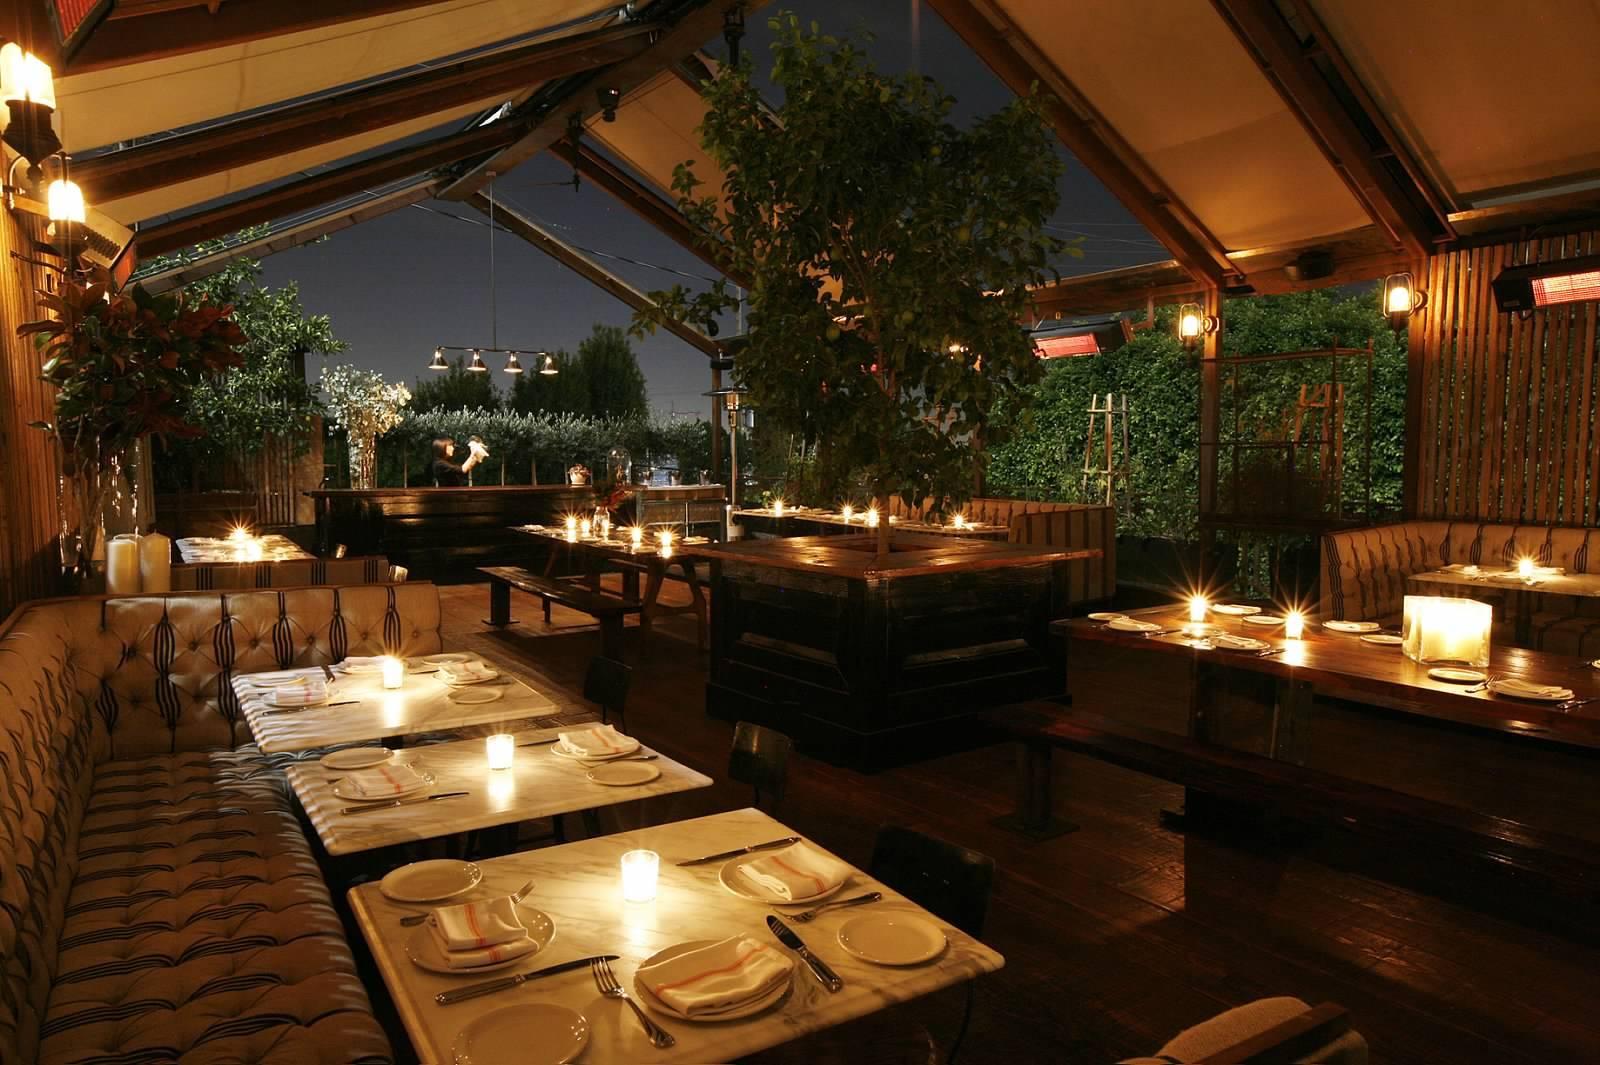 Best Outdoor Dining Restaurants In Los Angeles